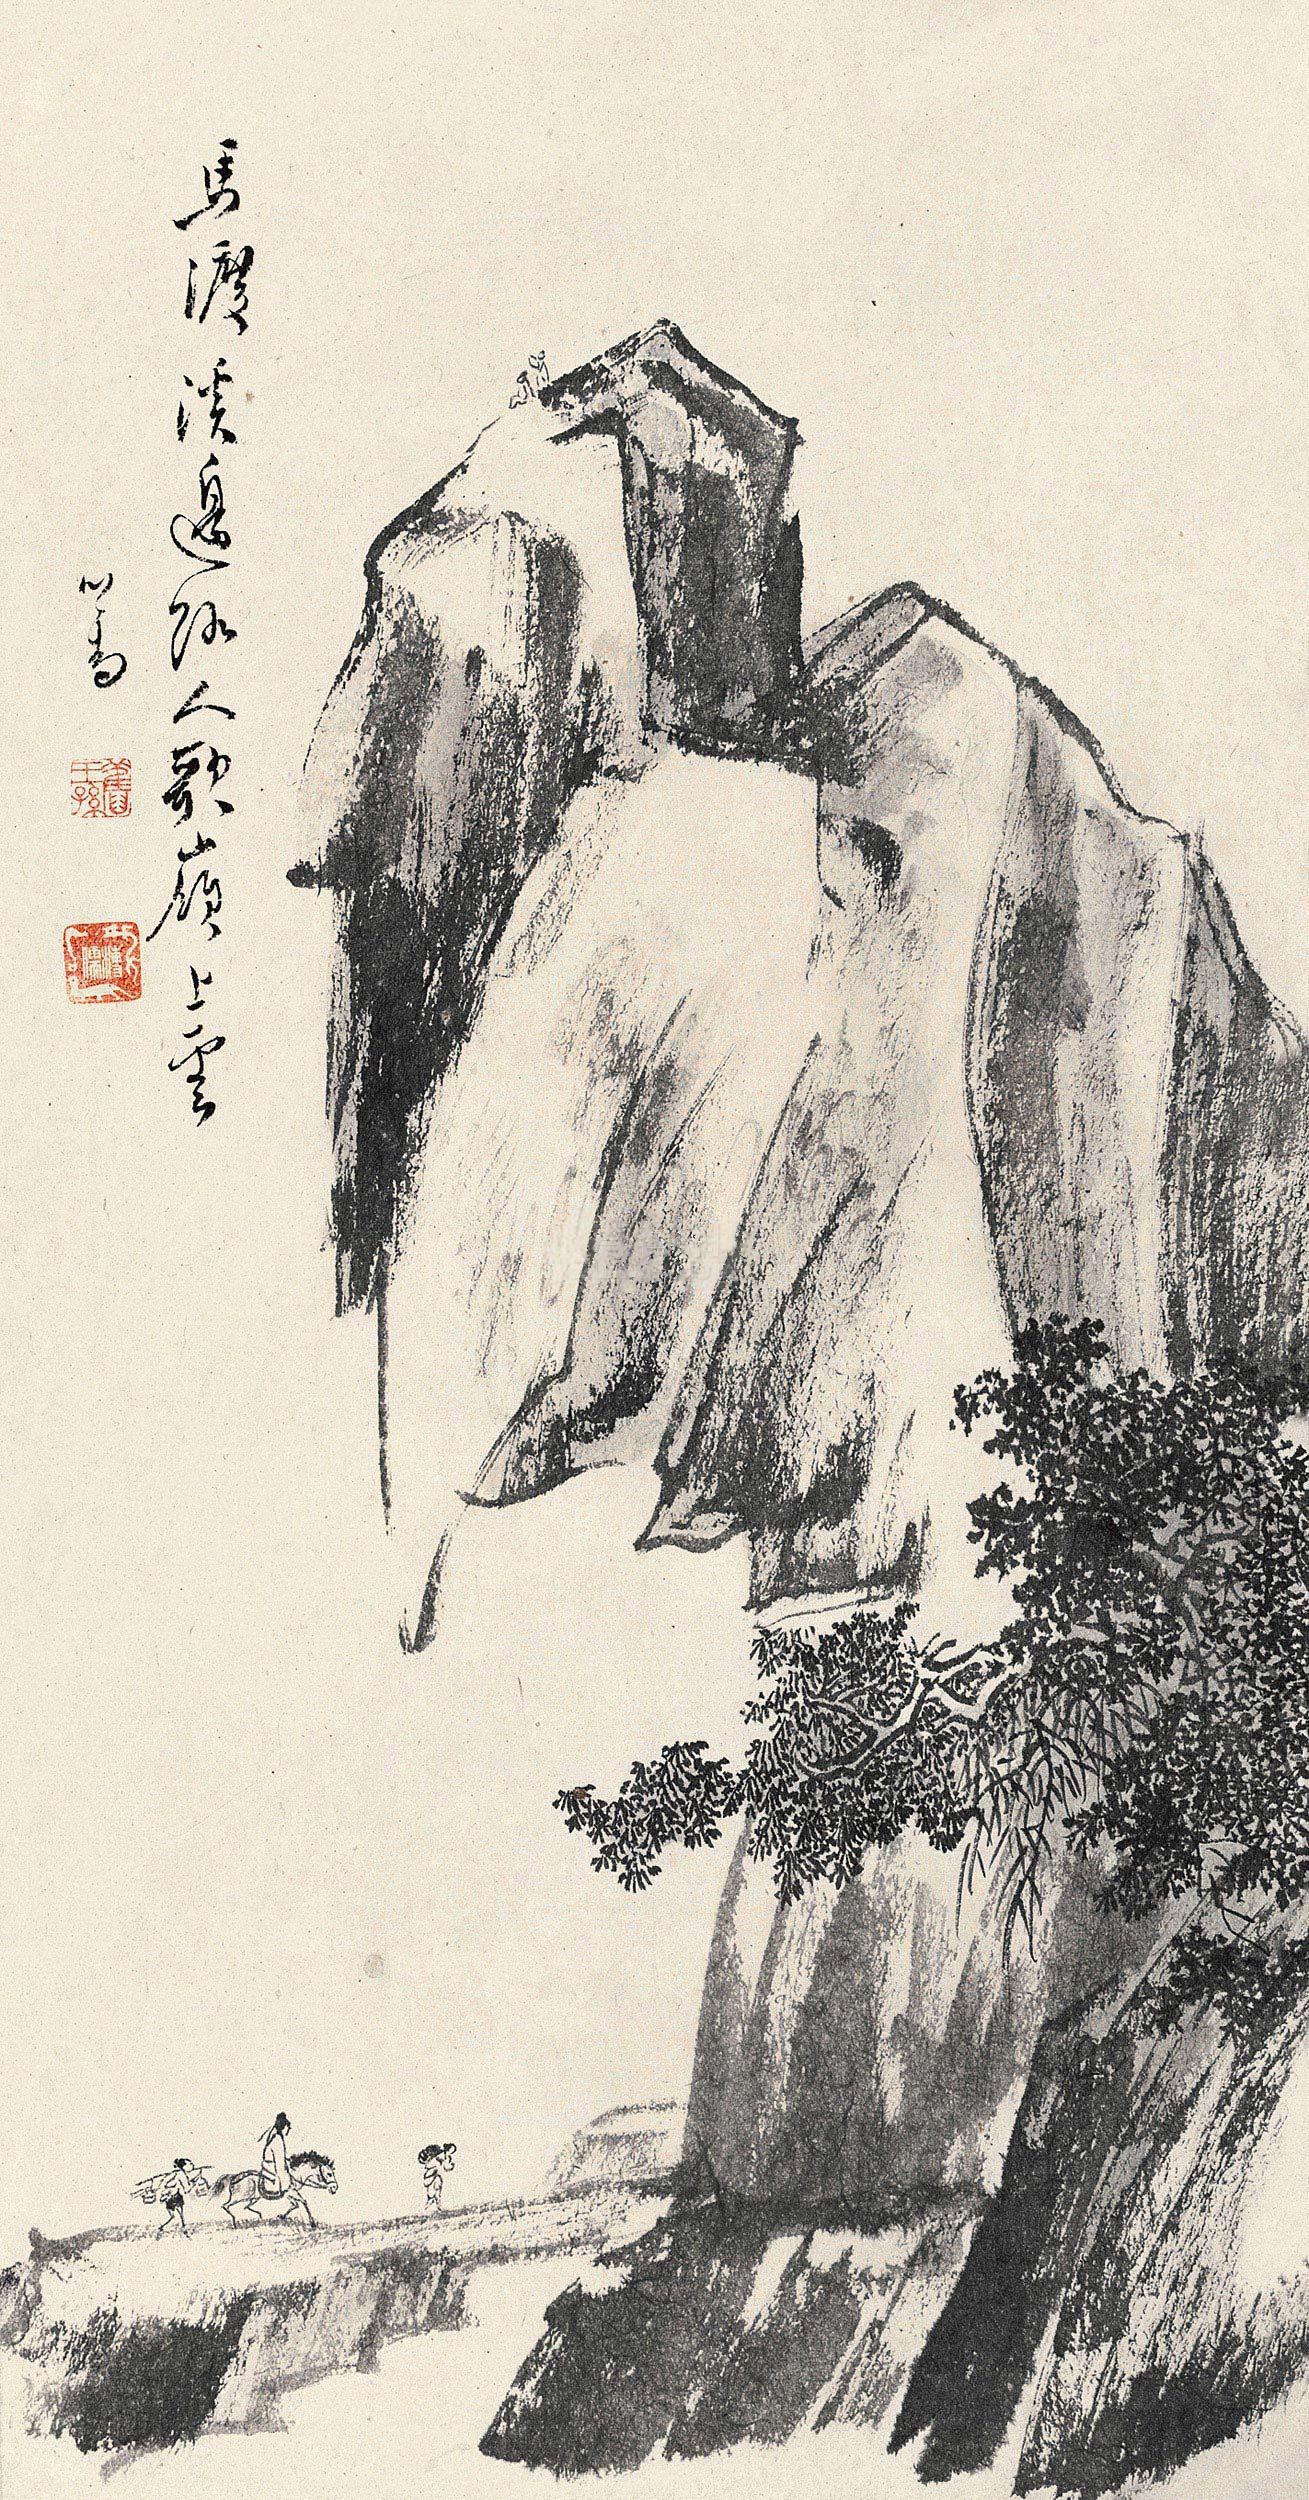 溥儒 行旅图 镜片 水墨纸本作品欣赏